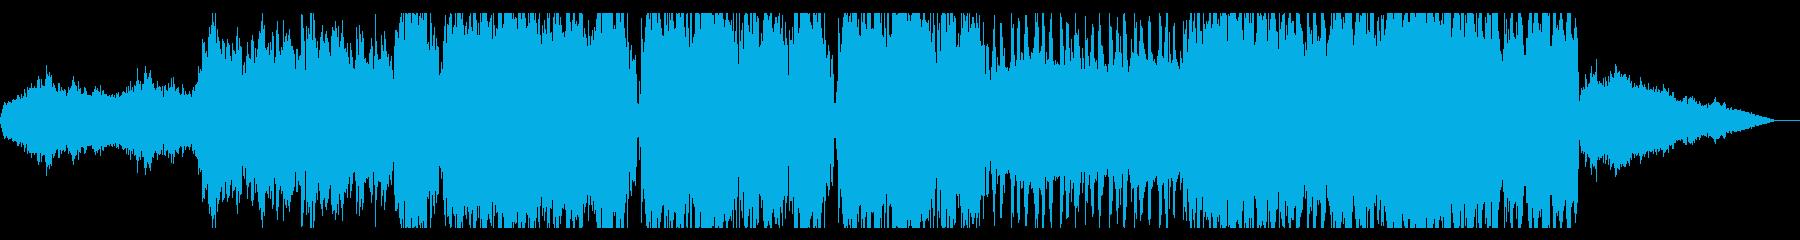 壮大さの広がるアンビエントの再生済みの波形